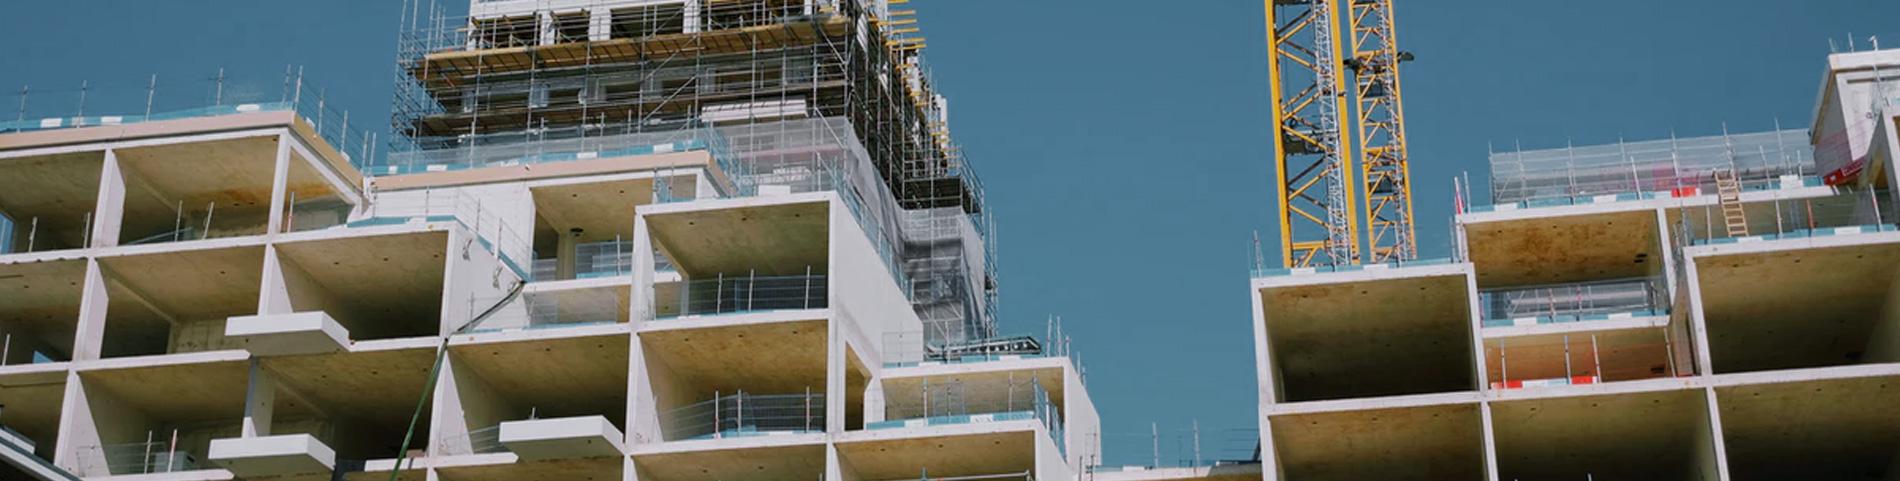 Wet-kwaliteits-borging-voor-het-bouwen-Wkb